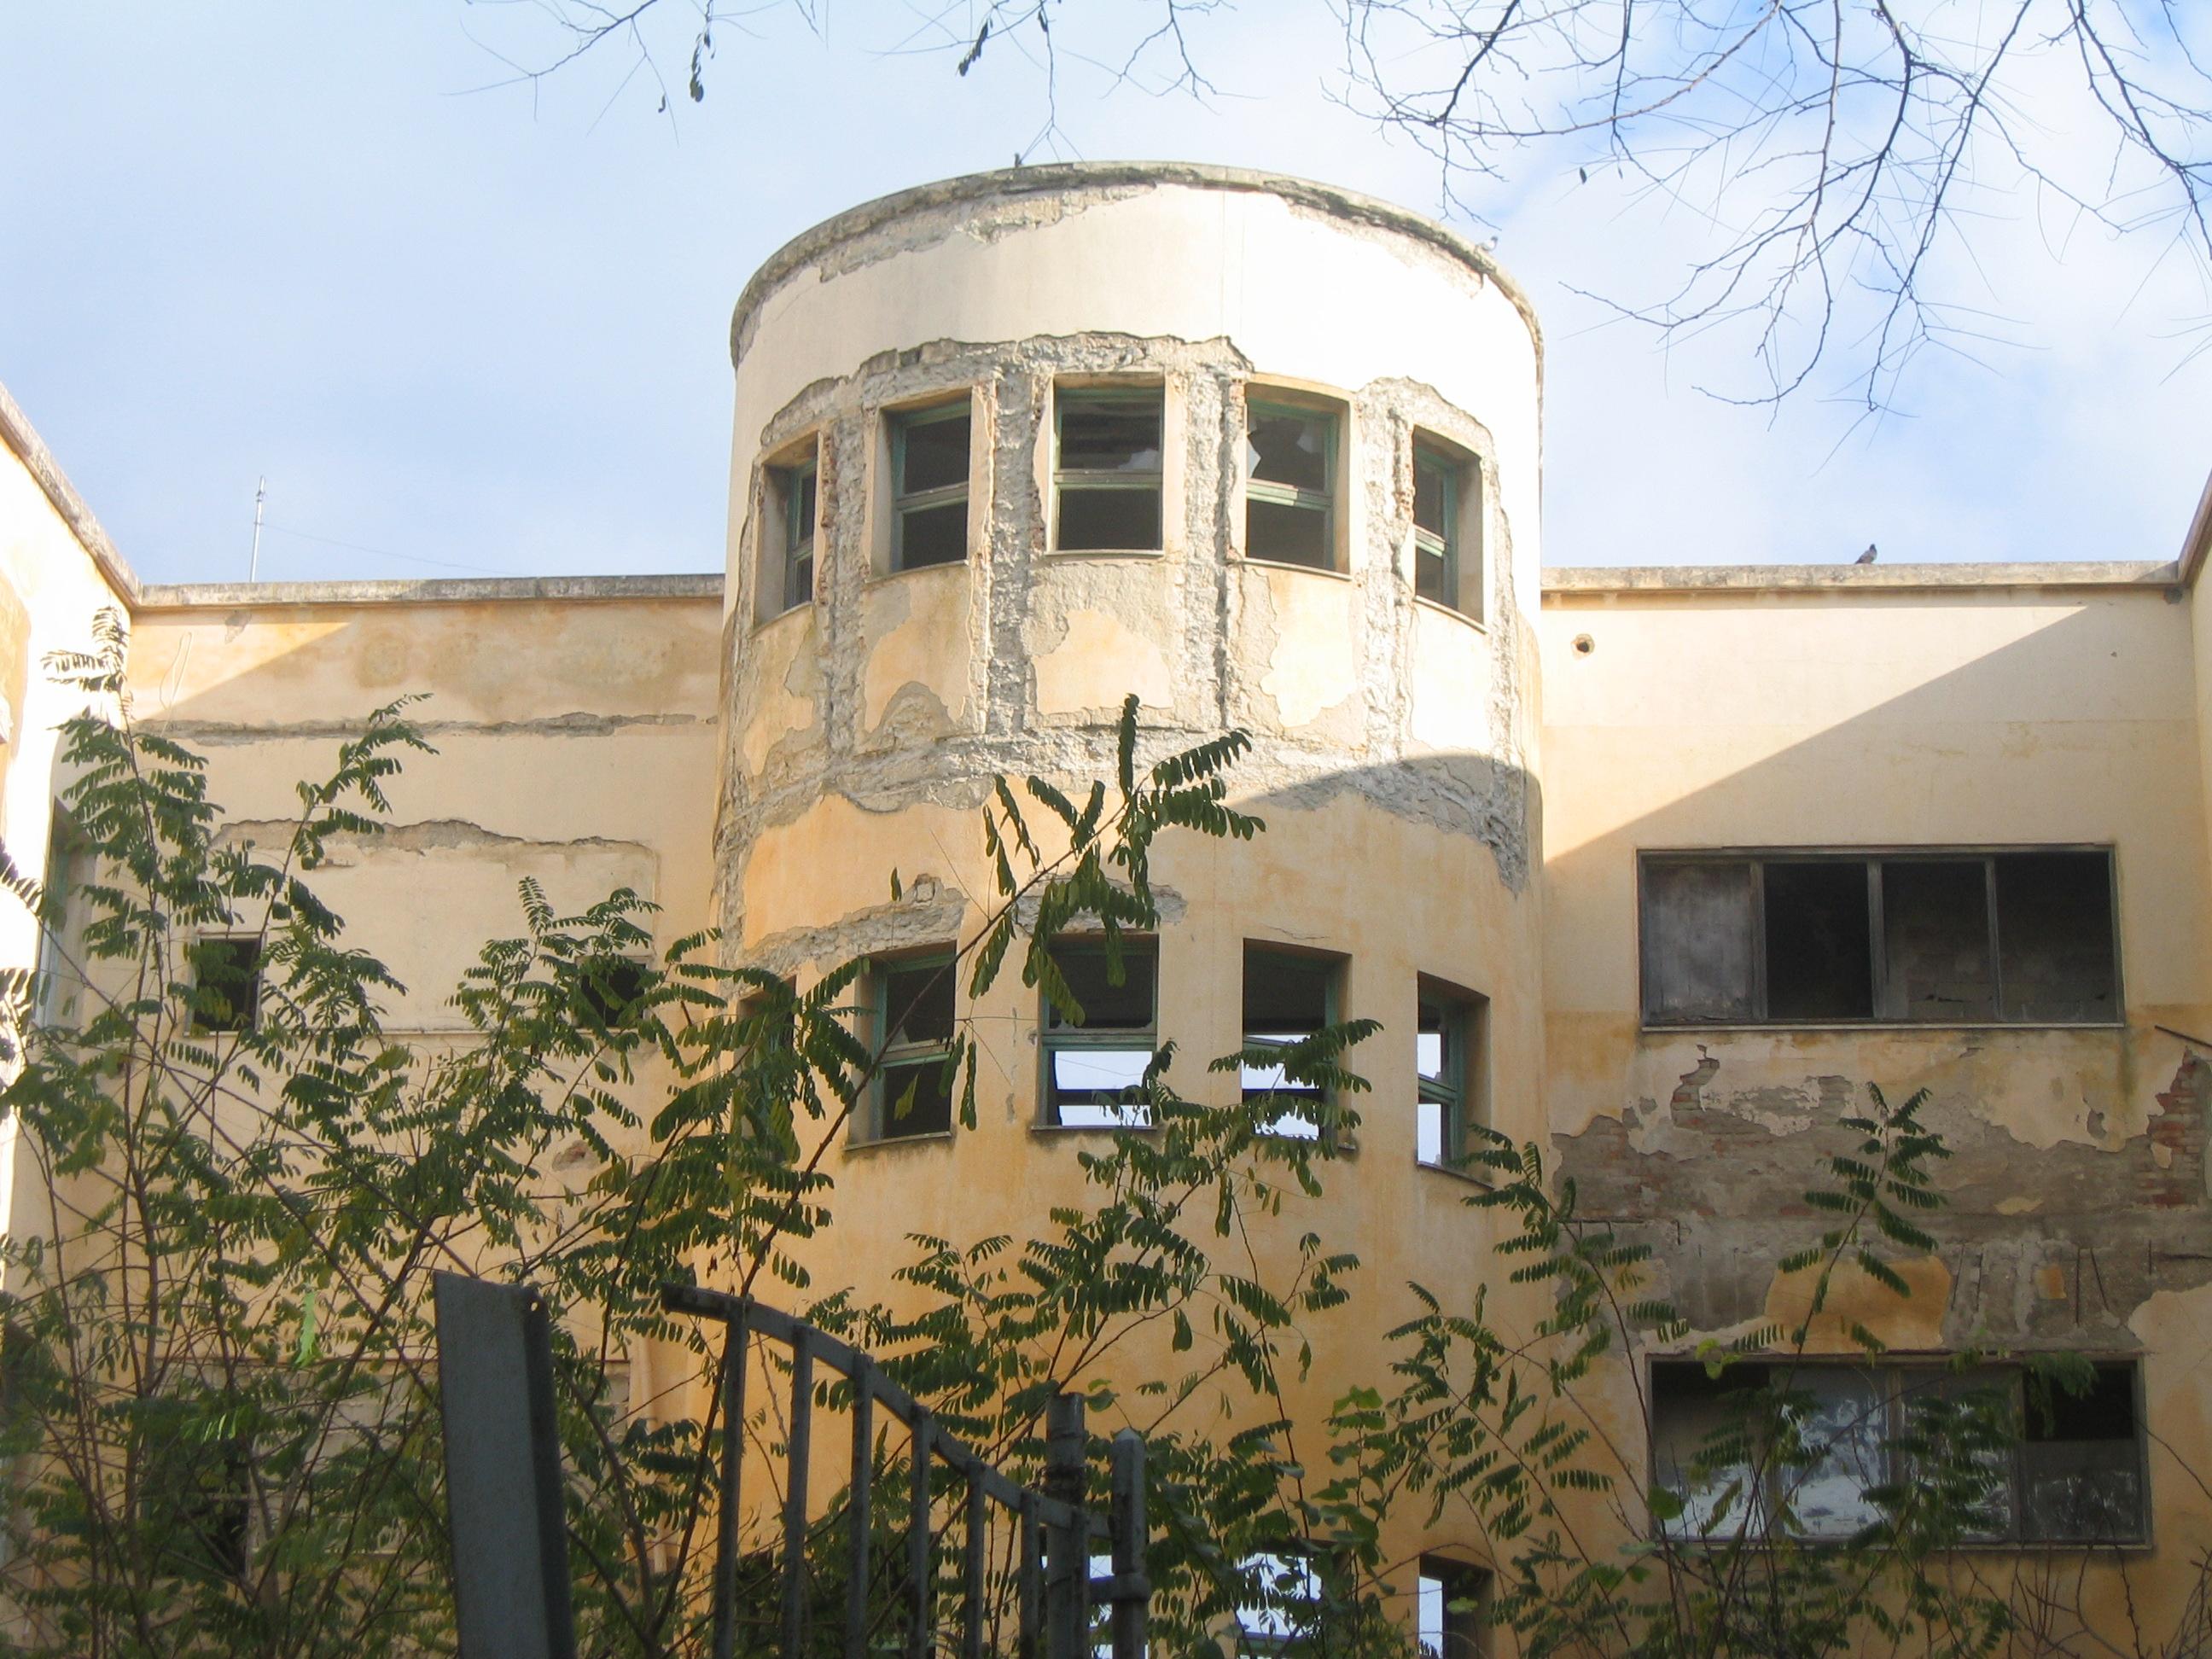 Ufficio Di Collocamento Francavilla Fontana : Brindisi il centro per l impiego sarà trasferito nell ex inapli